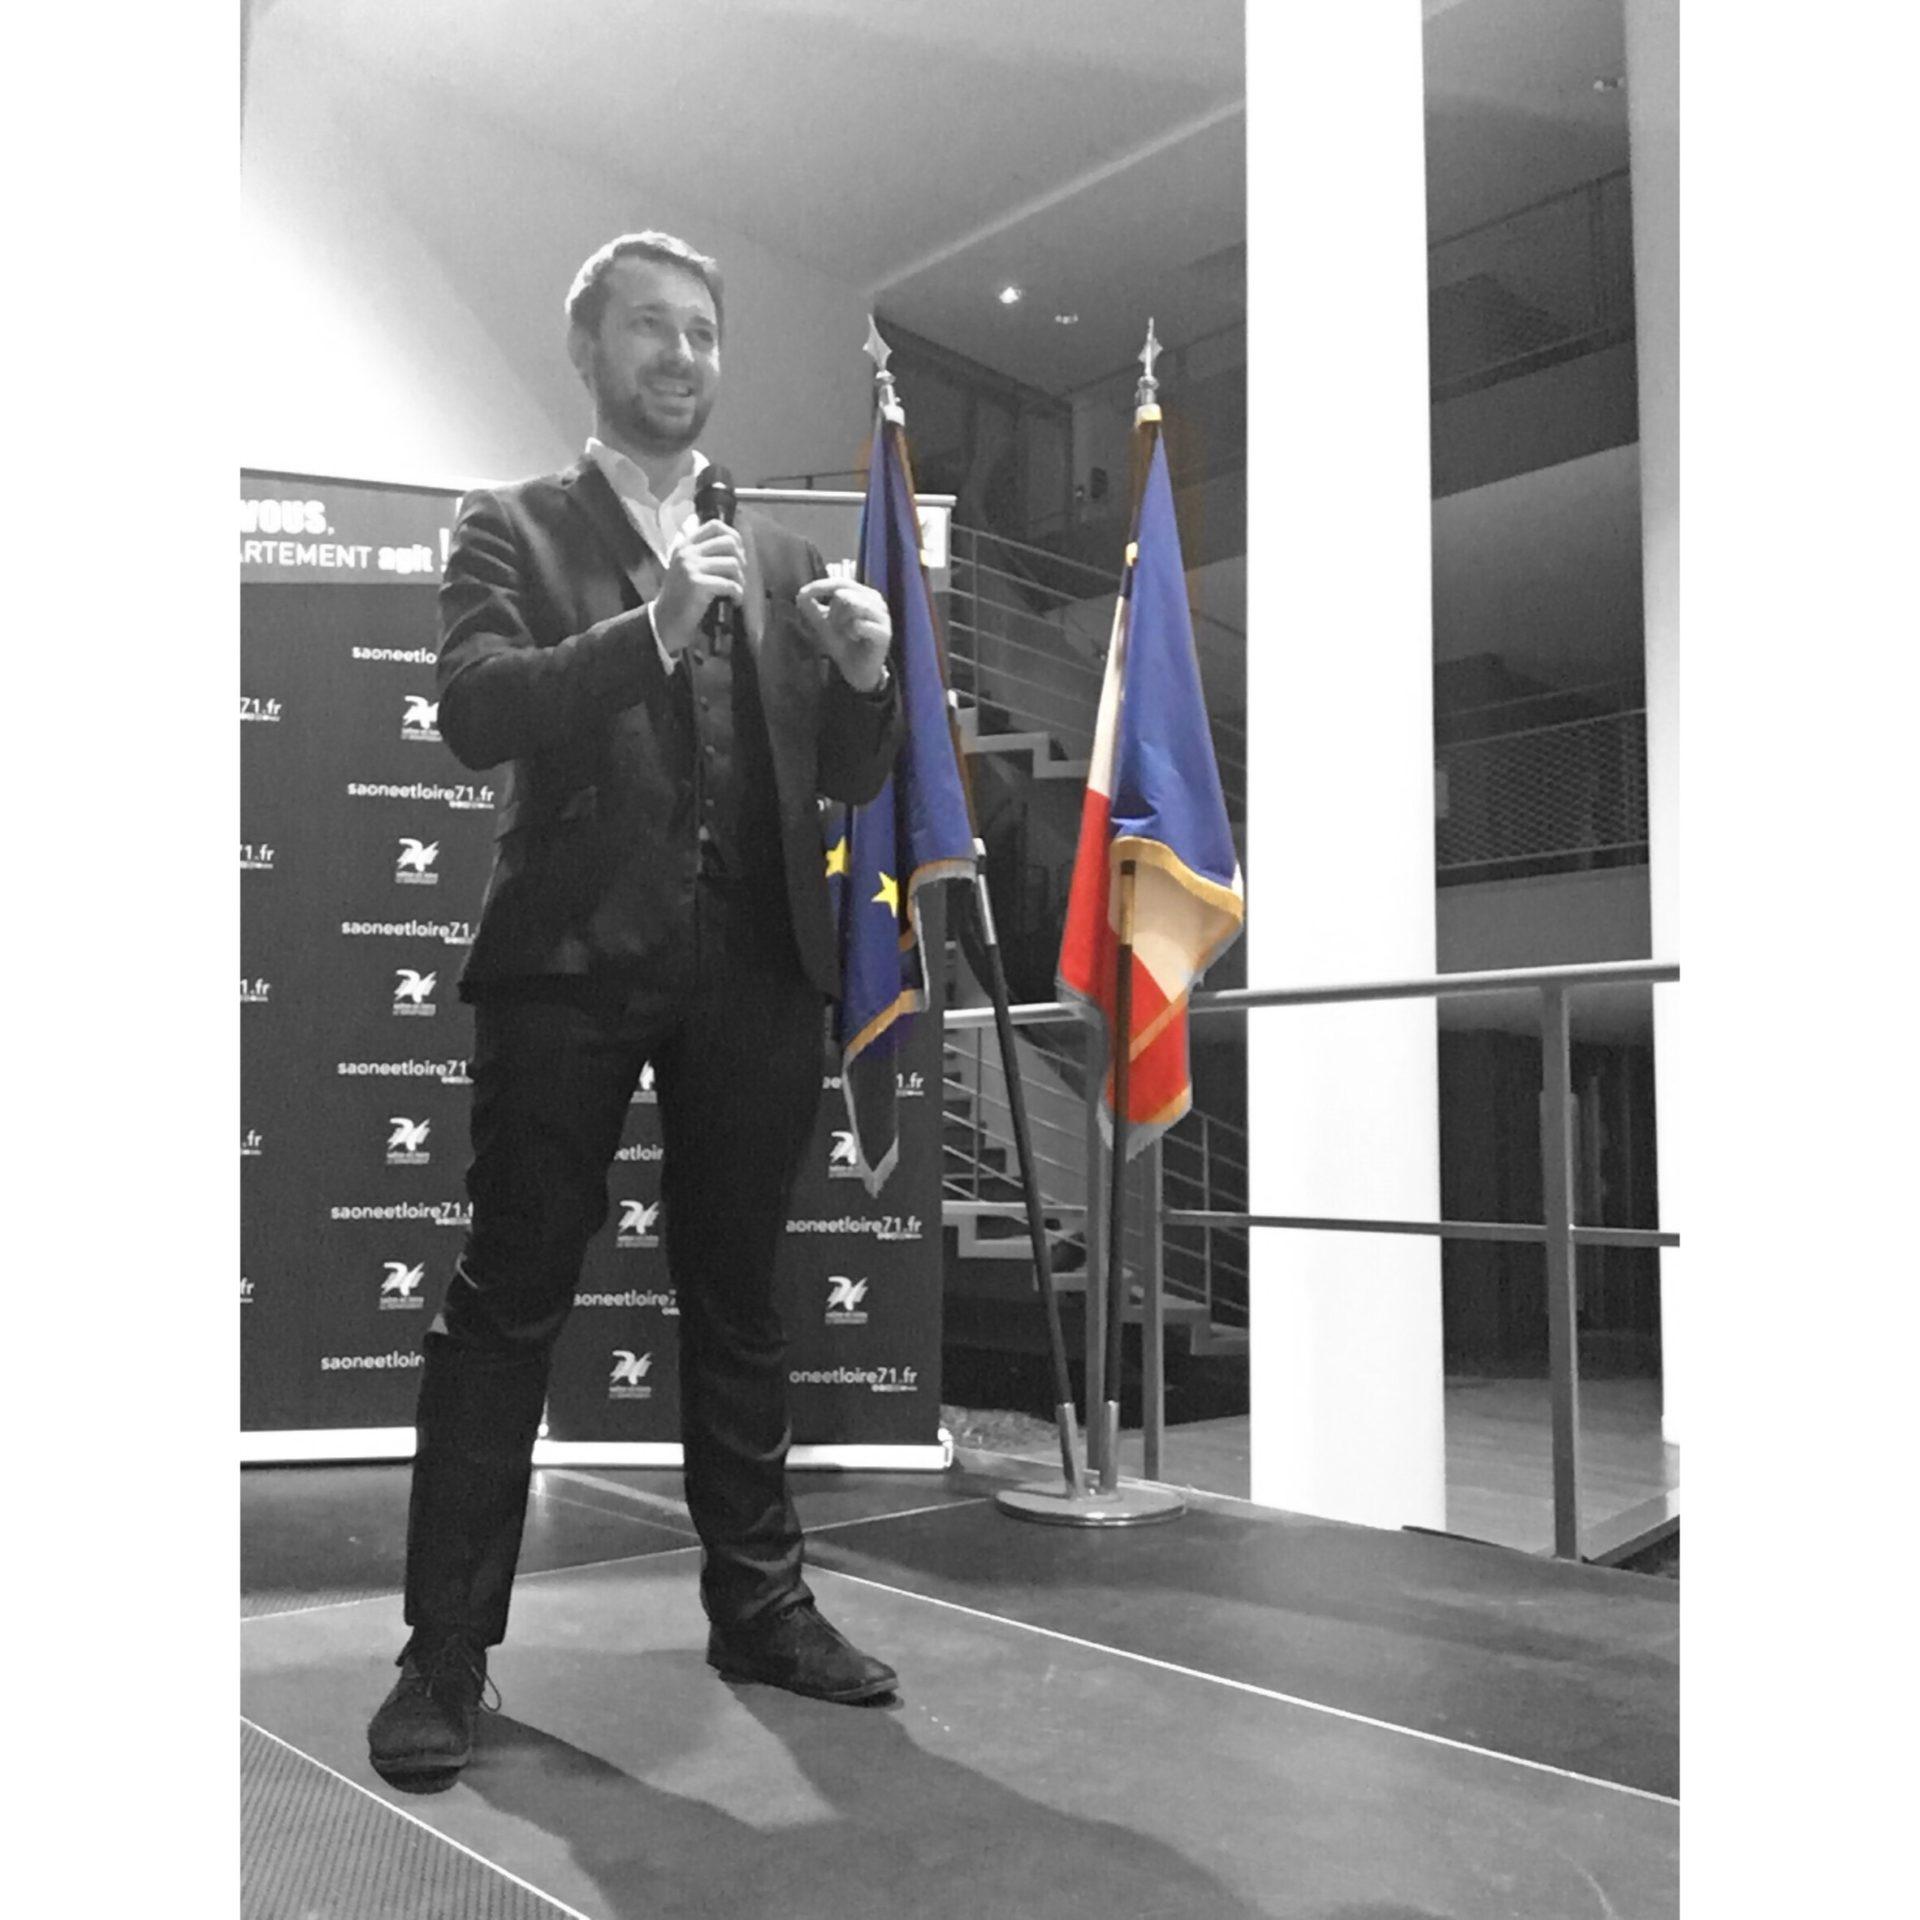 Speaker conférencier magicien pour le département de Saône-et-Loire, cérémonie des voeux